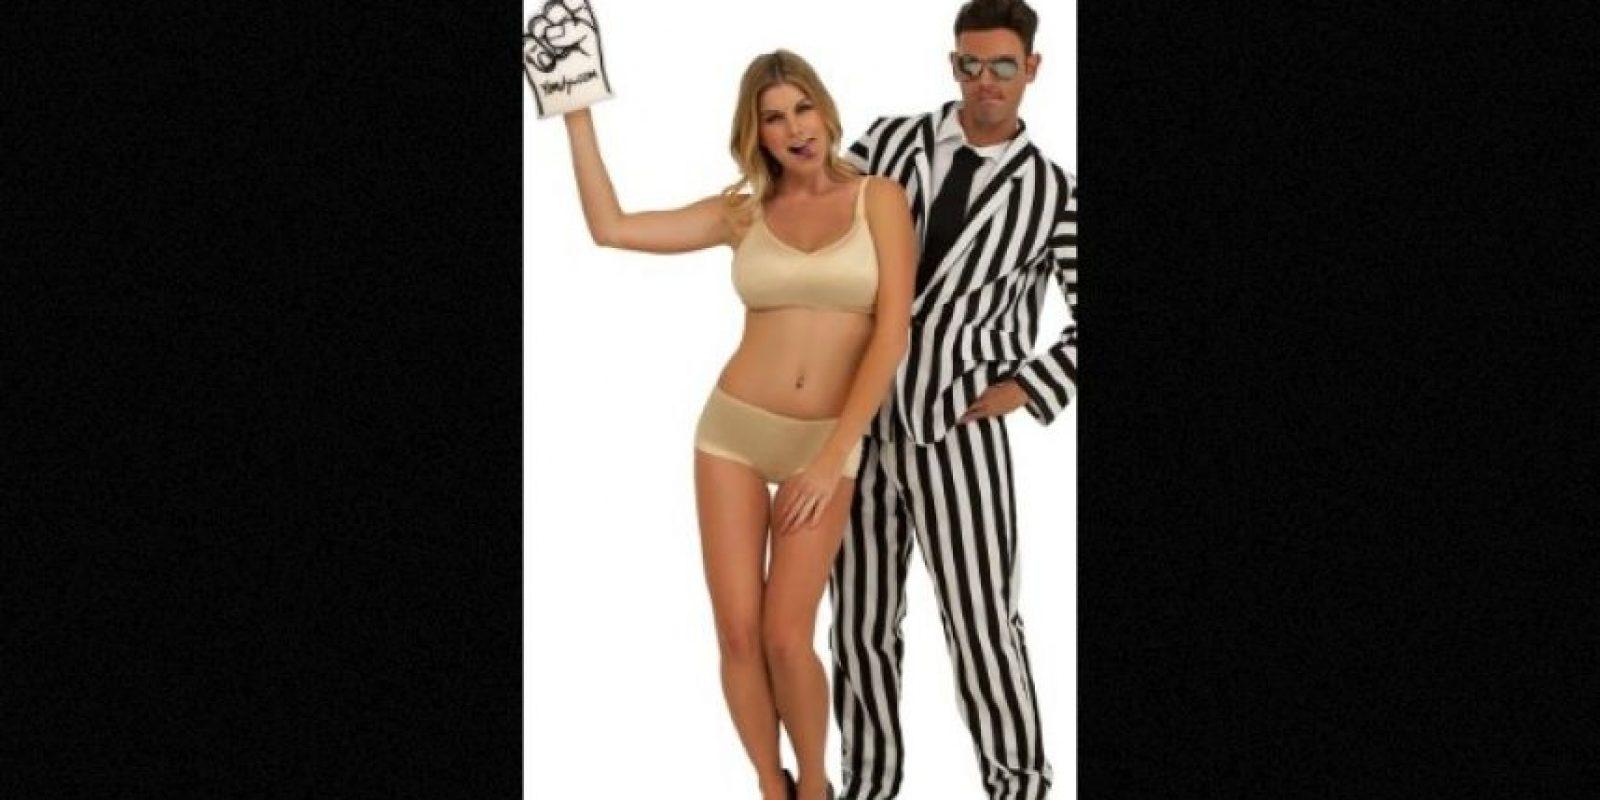 El disfraz que utilizó Paris Hilton de Miley Cyrus en los premios MTV VMA's 2013 es uno de los más populares en internet. Foto: yandy.com